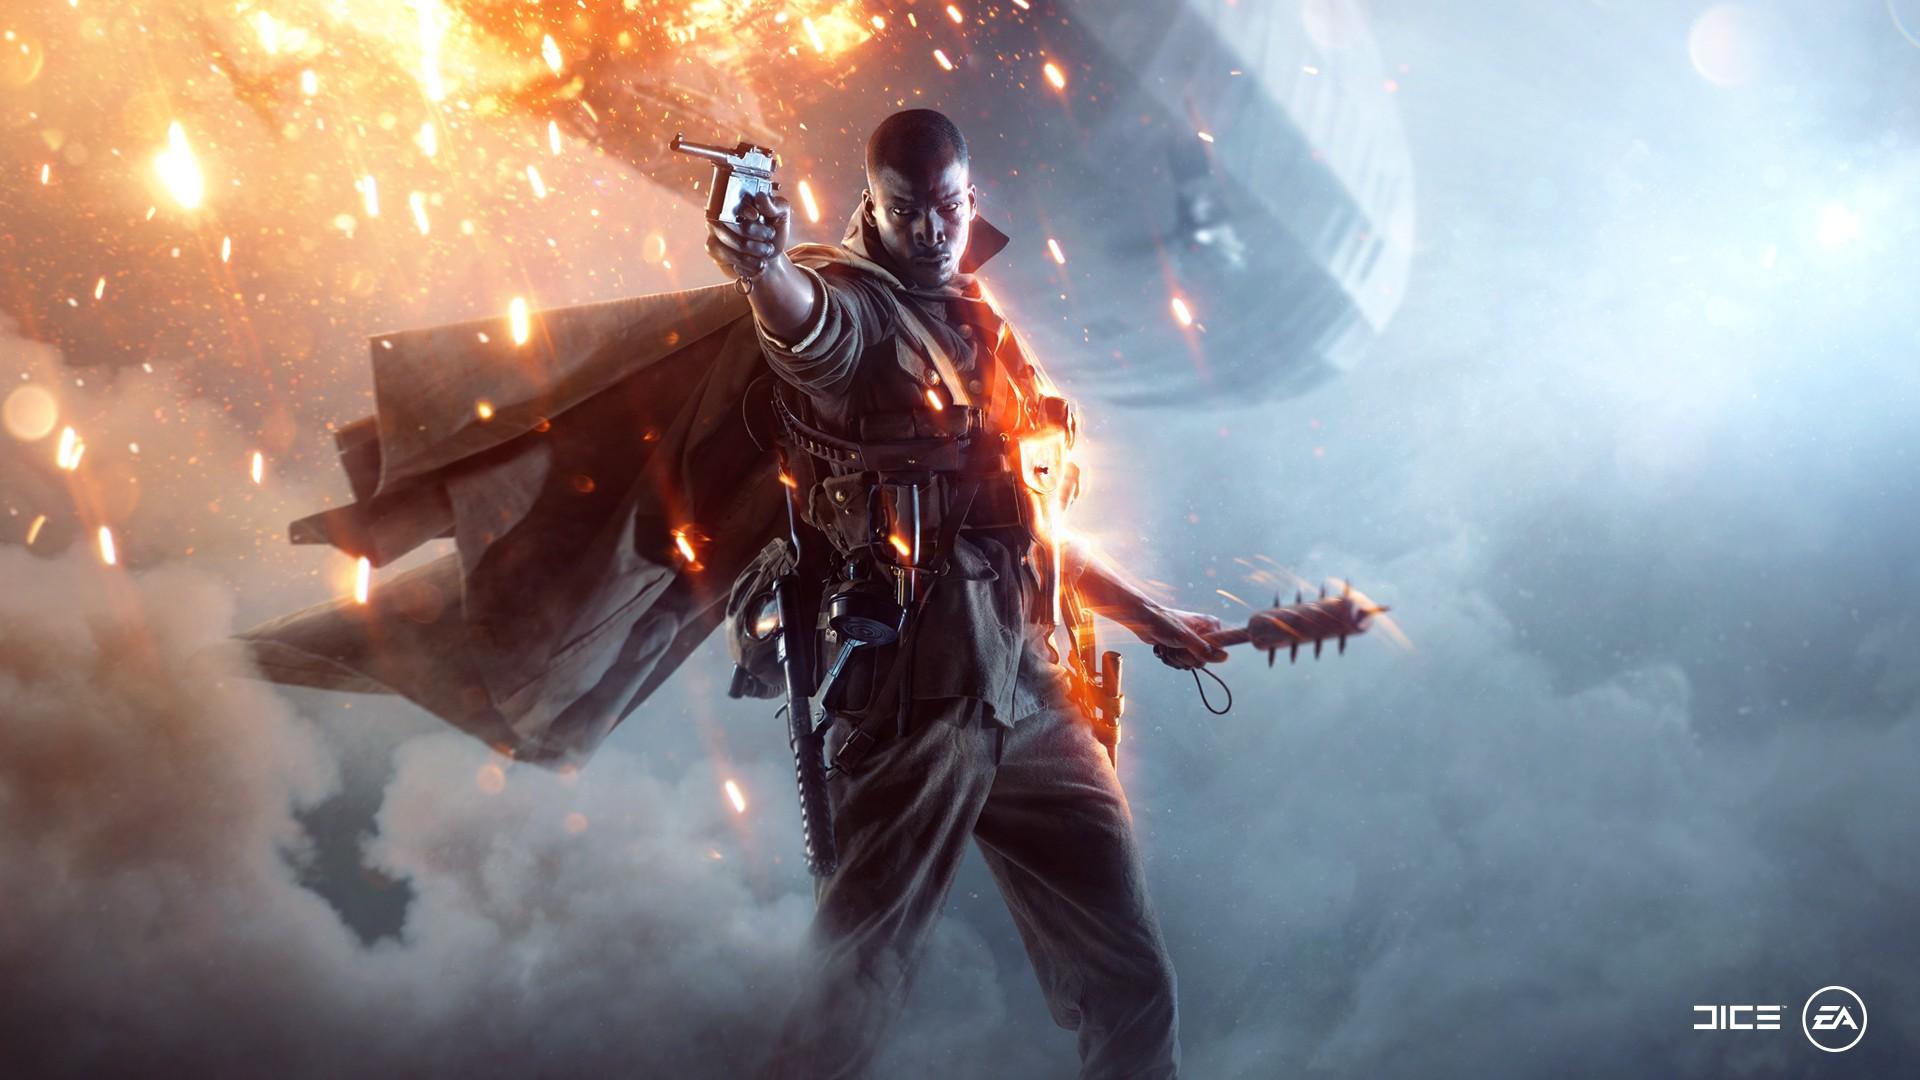 Battlefield 1 wallpaper ·① Download free amazing HD ...